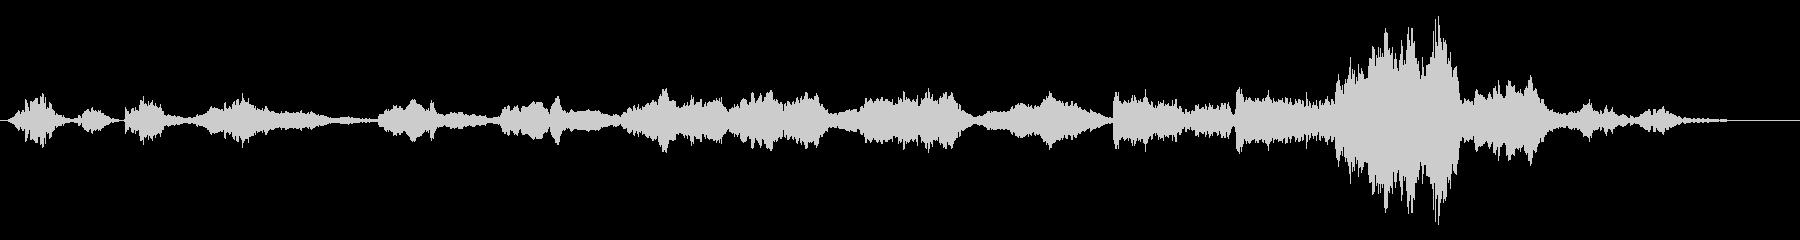 静かな情景向けのオーケストラの未再生の波形